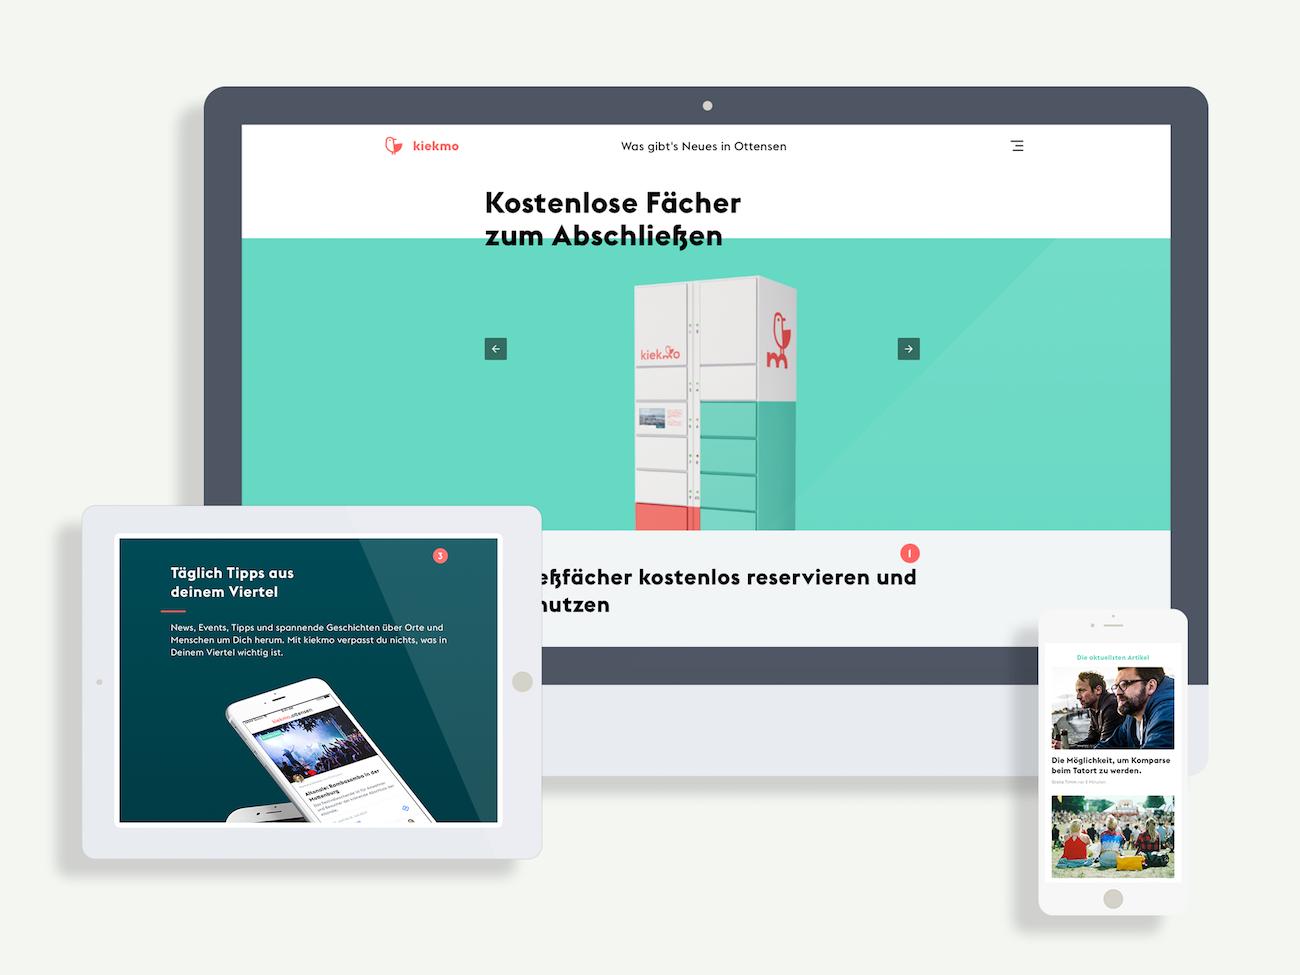 SinnerSchrader kiekmo App Design